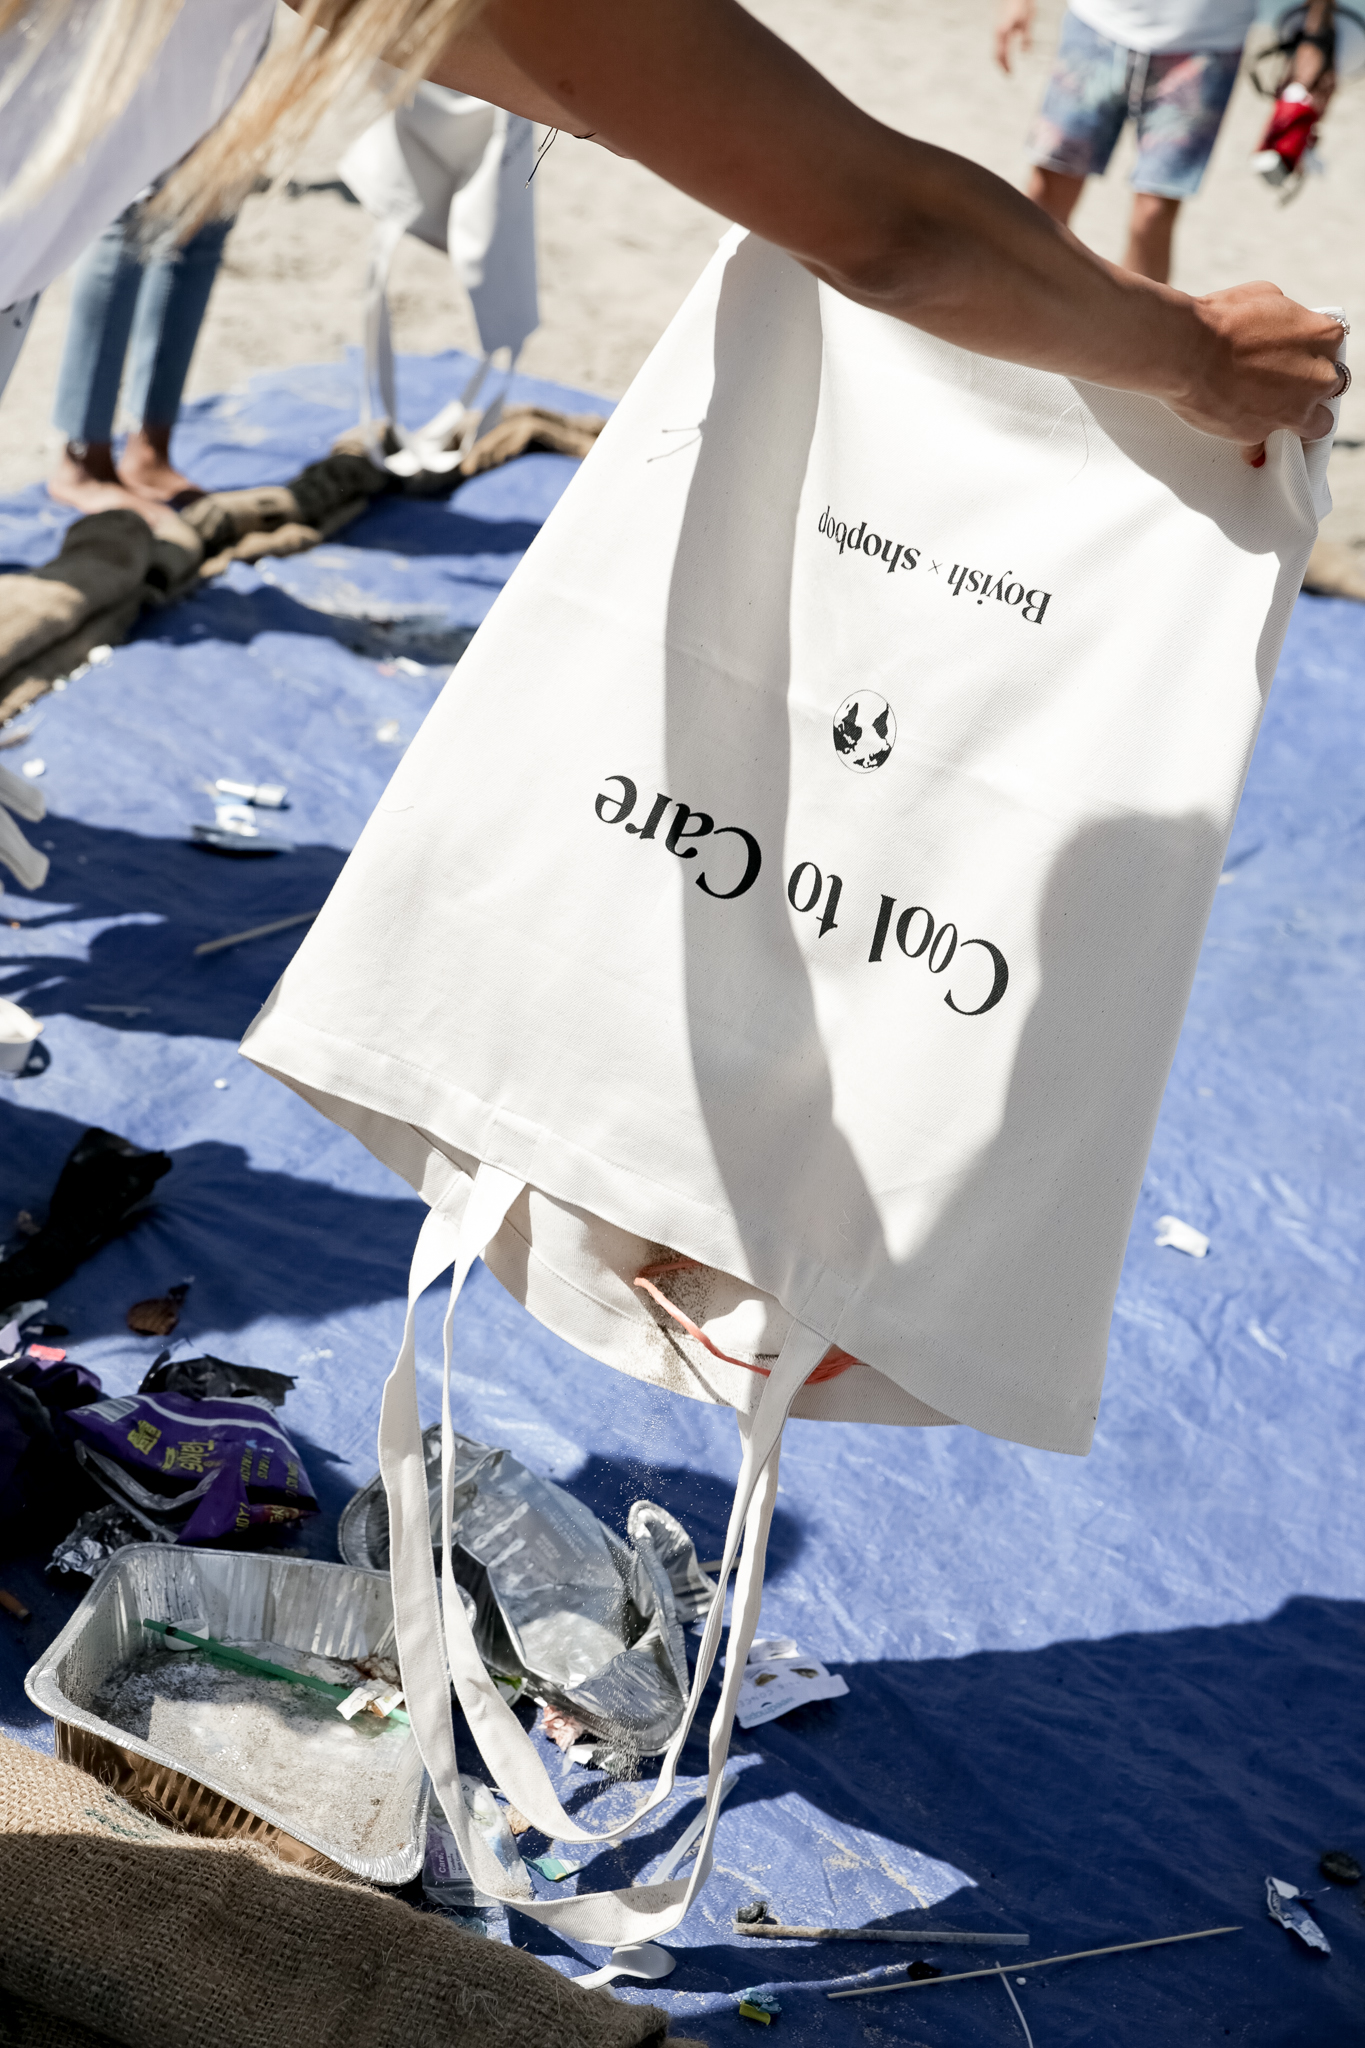 ShopbopxBoyish-108.jpg